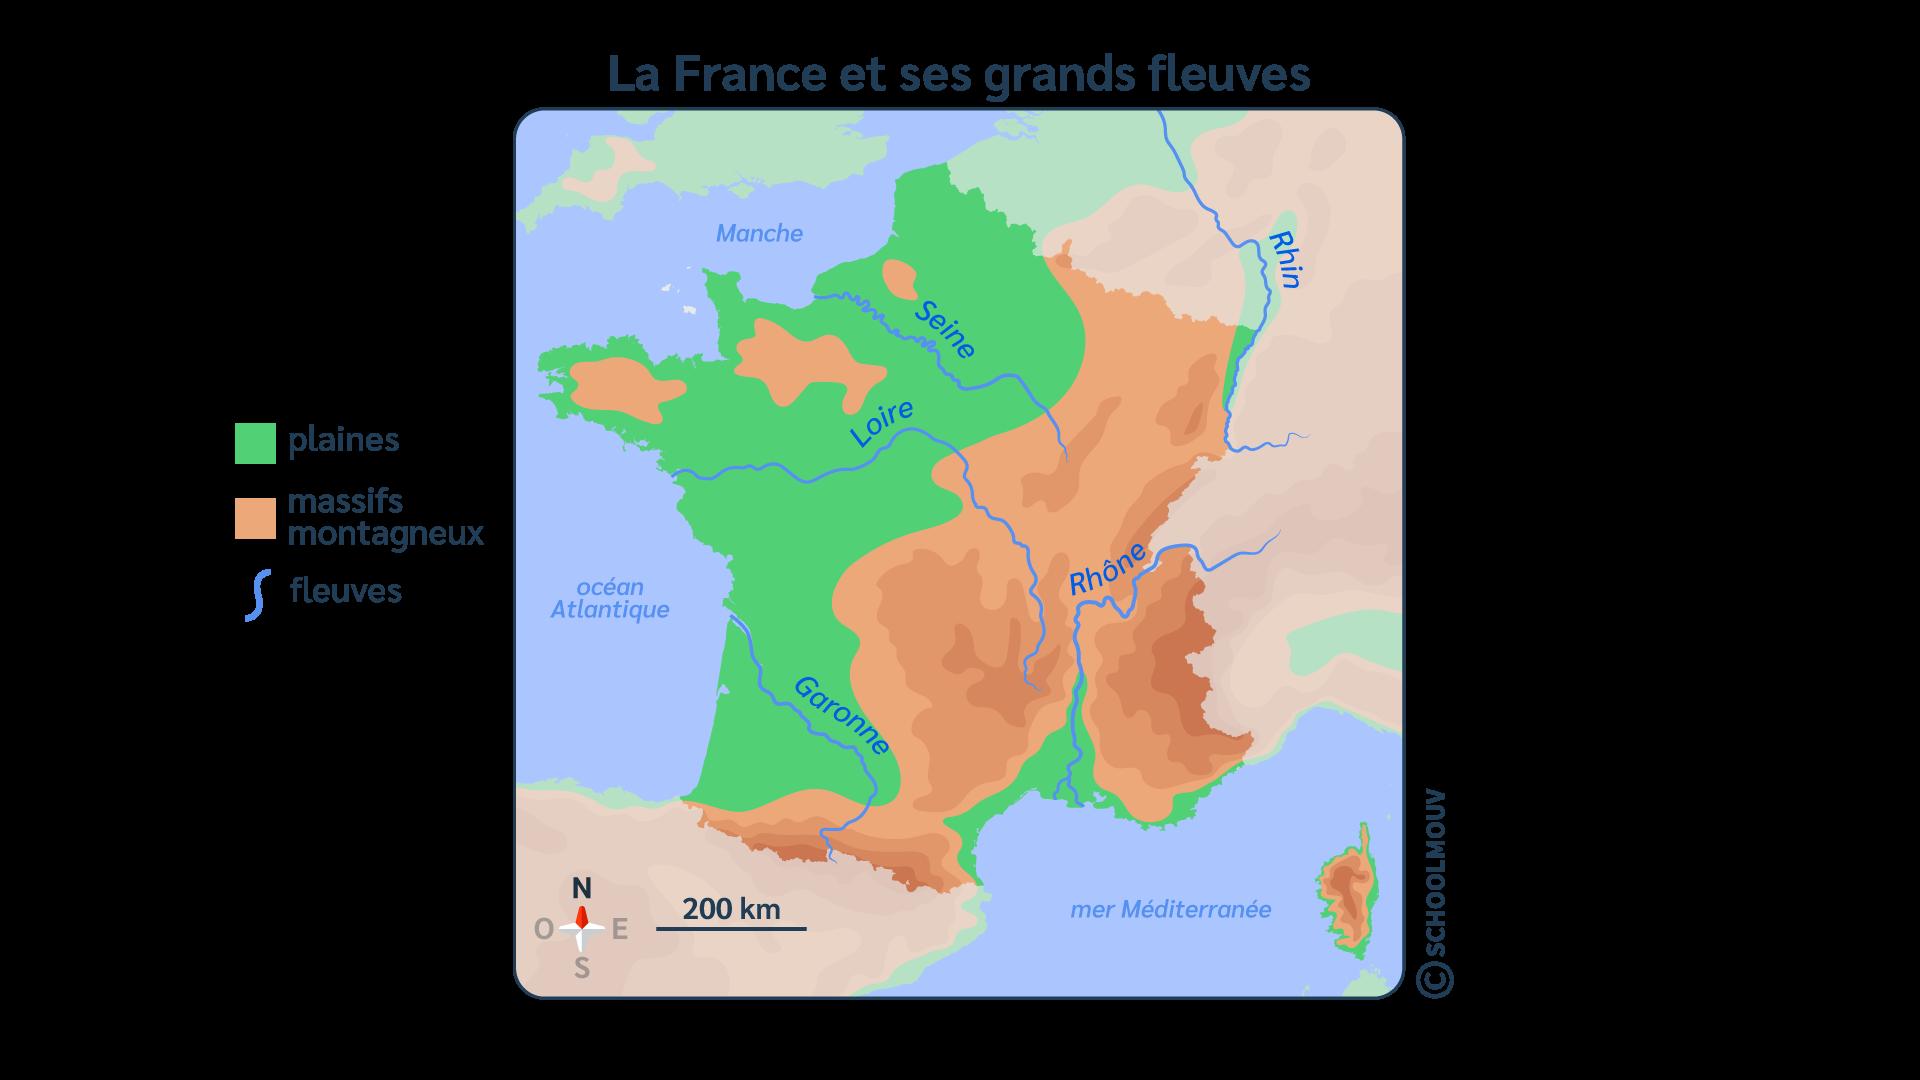 primaire questionner le monde géographie ce2 décrire un pays et ses régions fleuves